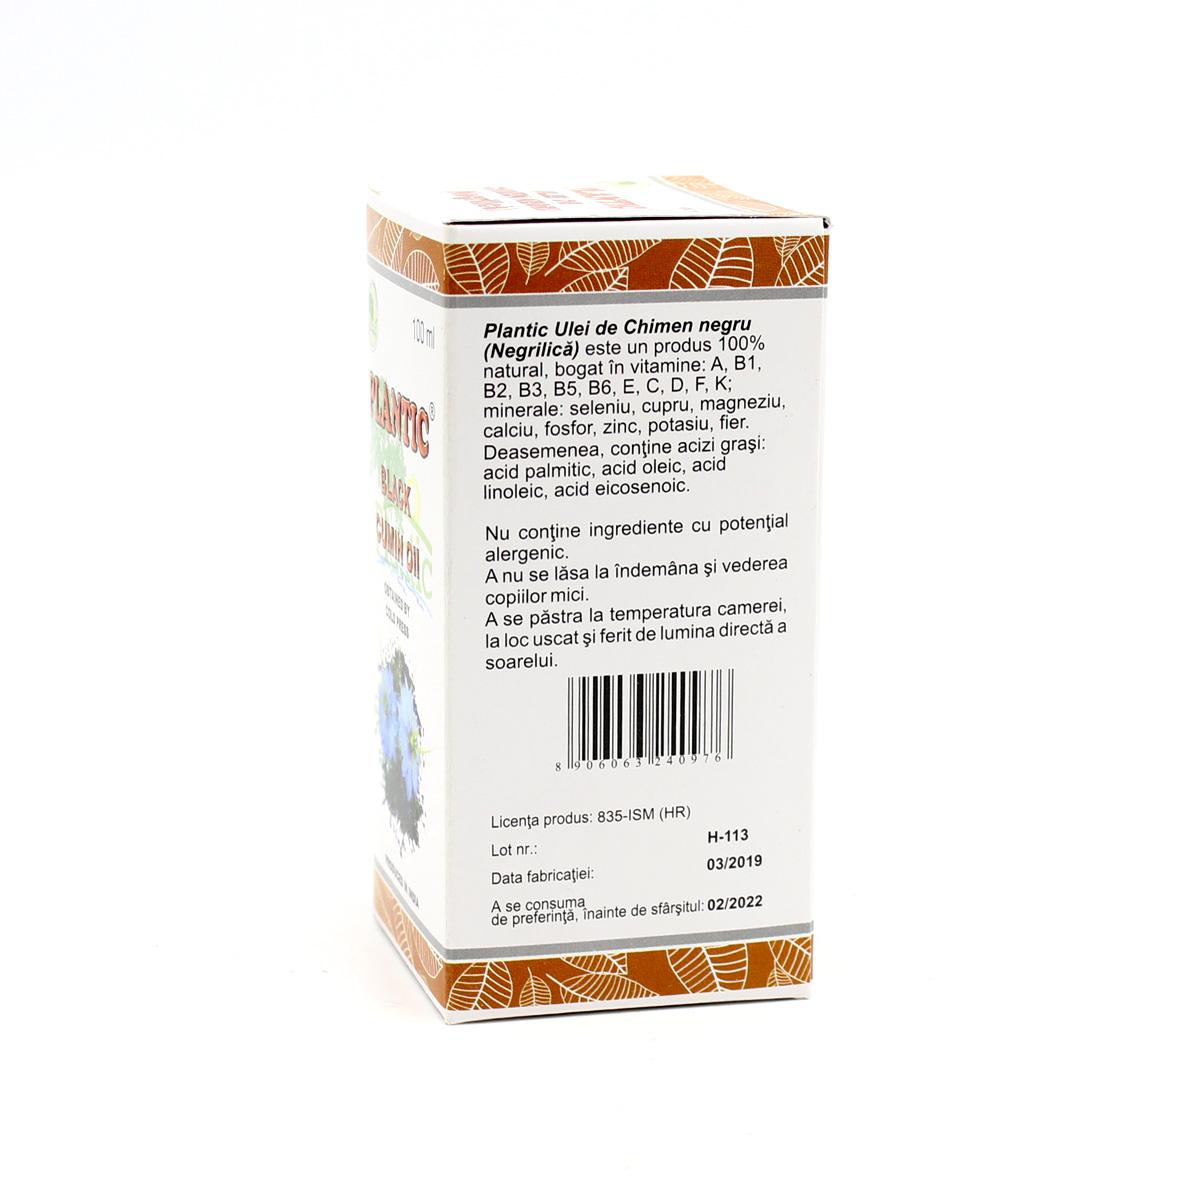 Плантик масло чёрного тмина (Чернушка посевная или Римский кориандр) 100 мл